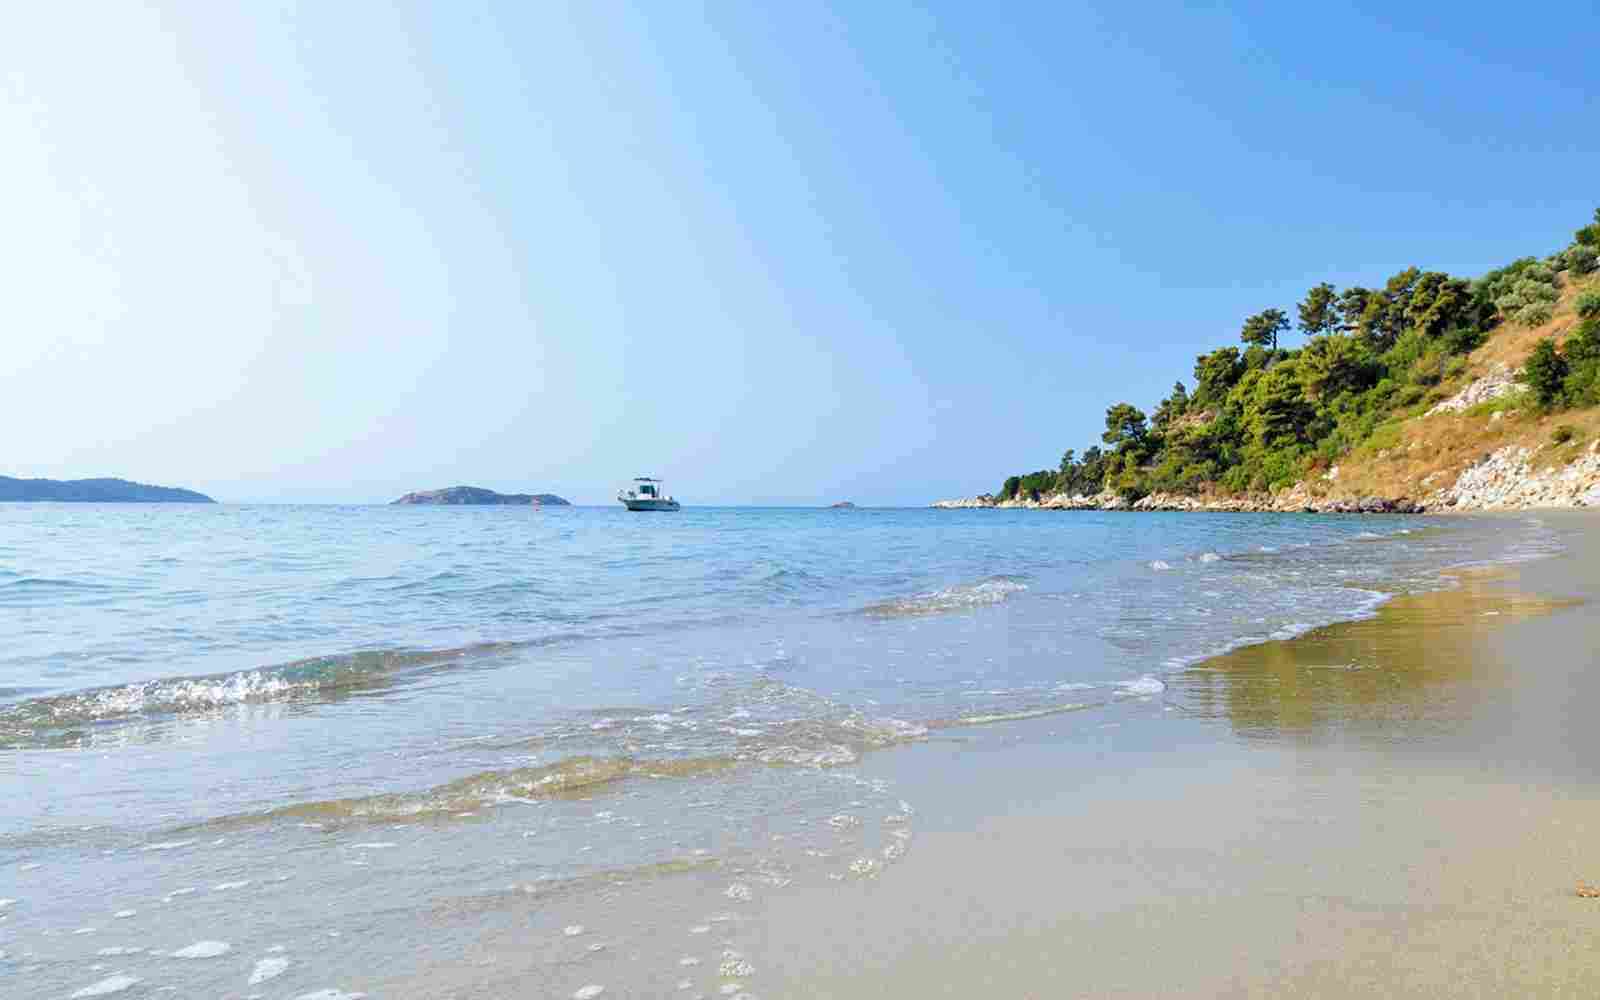 https://www.bellacosta.org/wp-content/uploads/2016/03/summer-beach-01.jpg